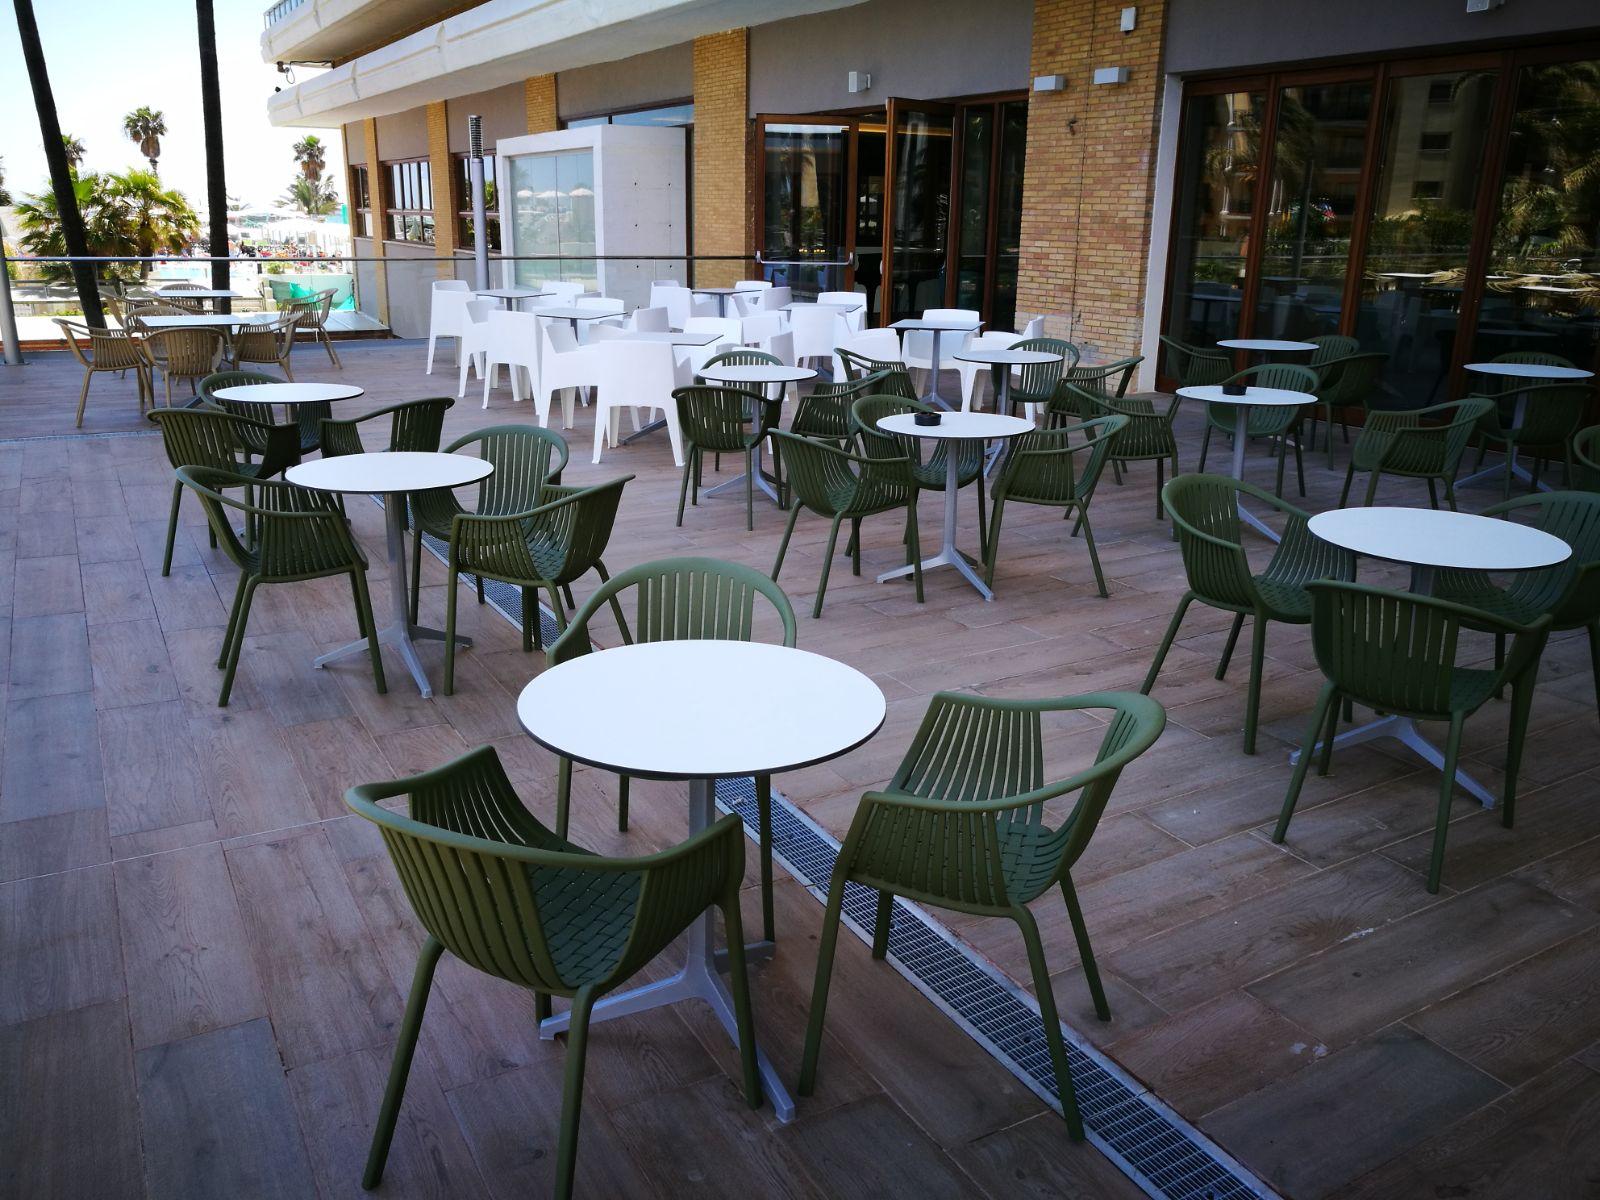 sillas mesas terraza exterior hosteleria